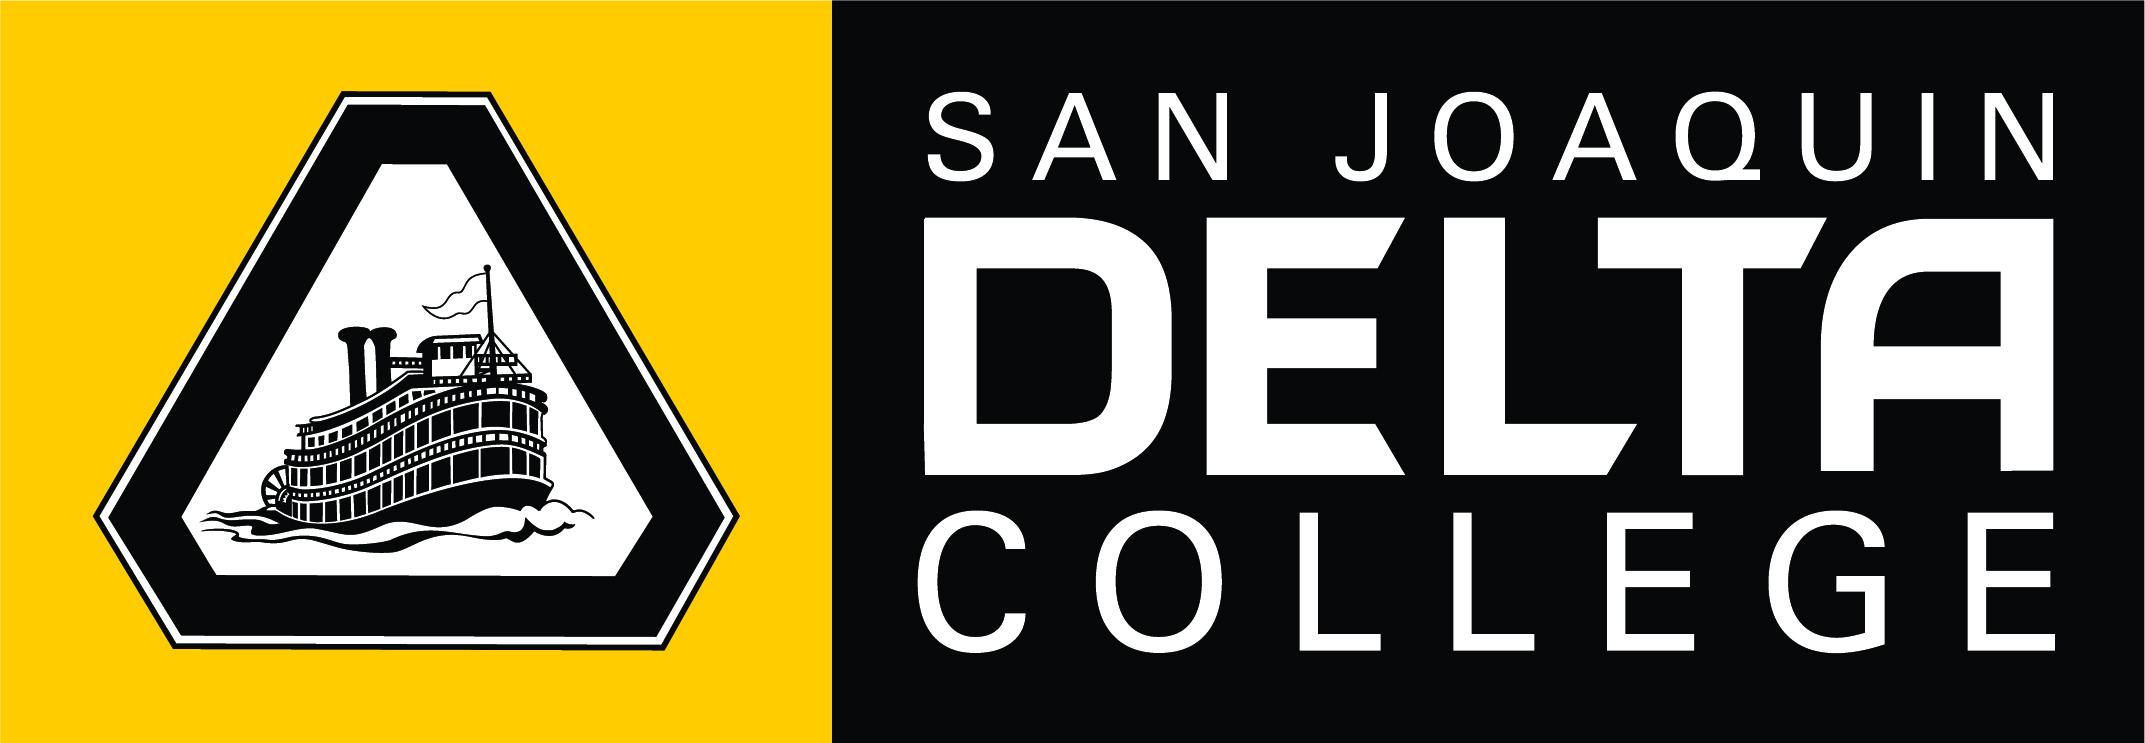 Delta College Brand Standards San Joaquin Delta College